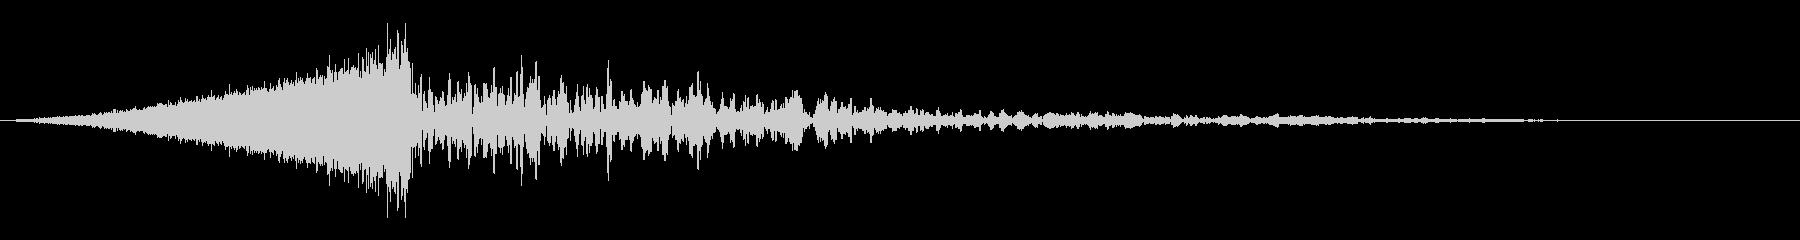 シュードン:上昇していく音オープニング2の未再生の波形